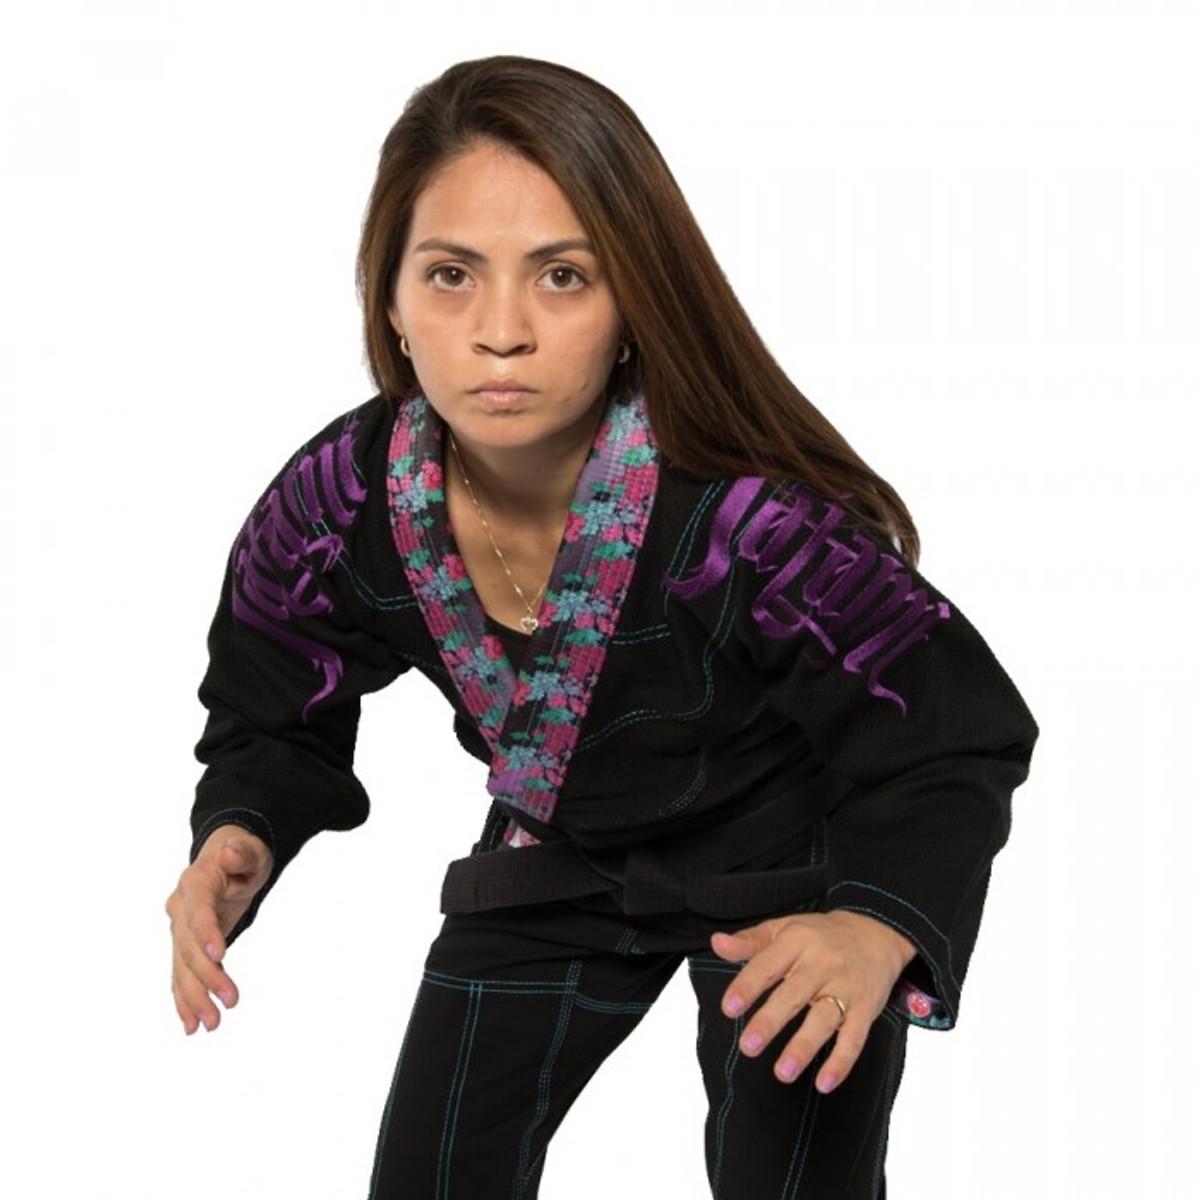 Tatami Fightwear Womens Weeping Hannya Spats Purple Ladies